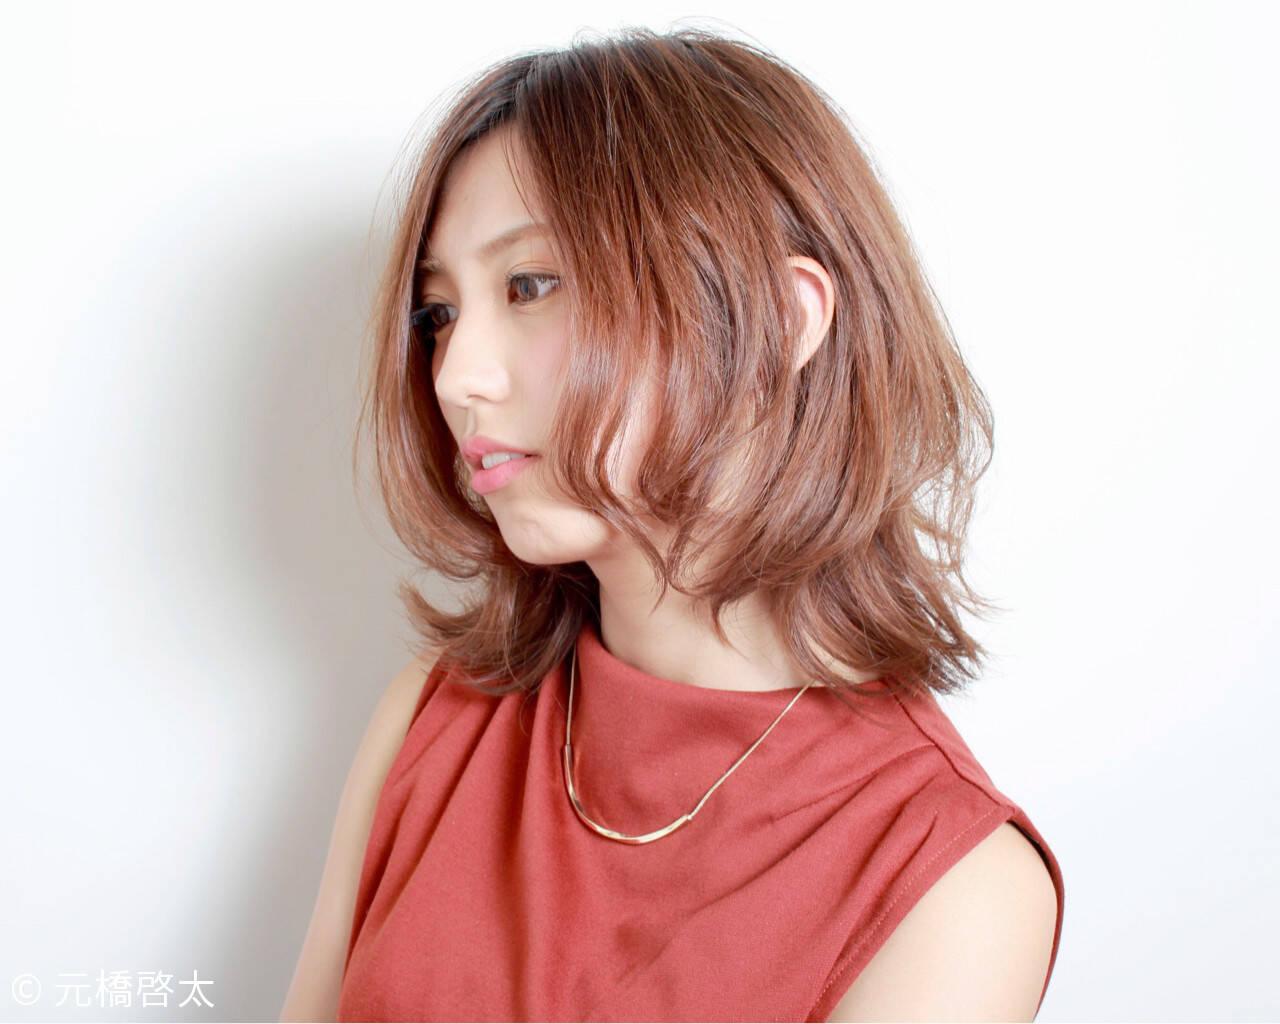 渋谷系 くせ毛風 ミディアム フェミニンヘアスタイルや髪型の写真・画像